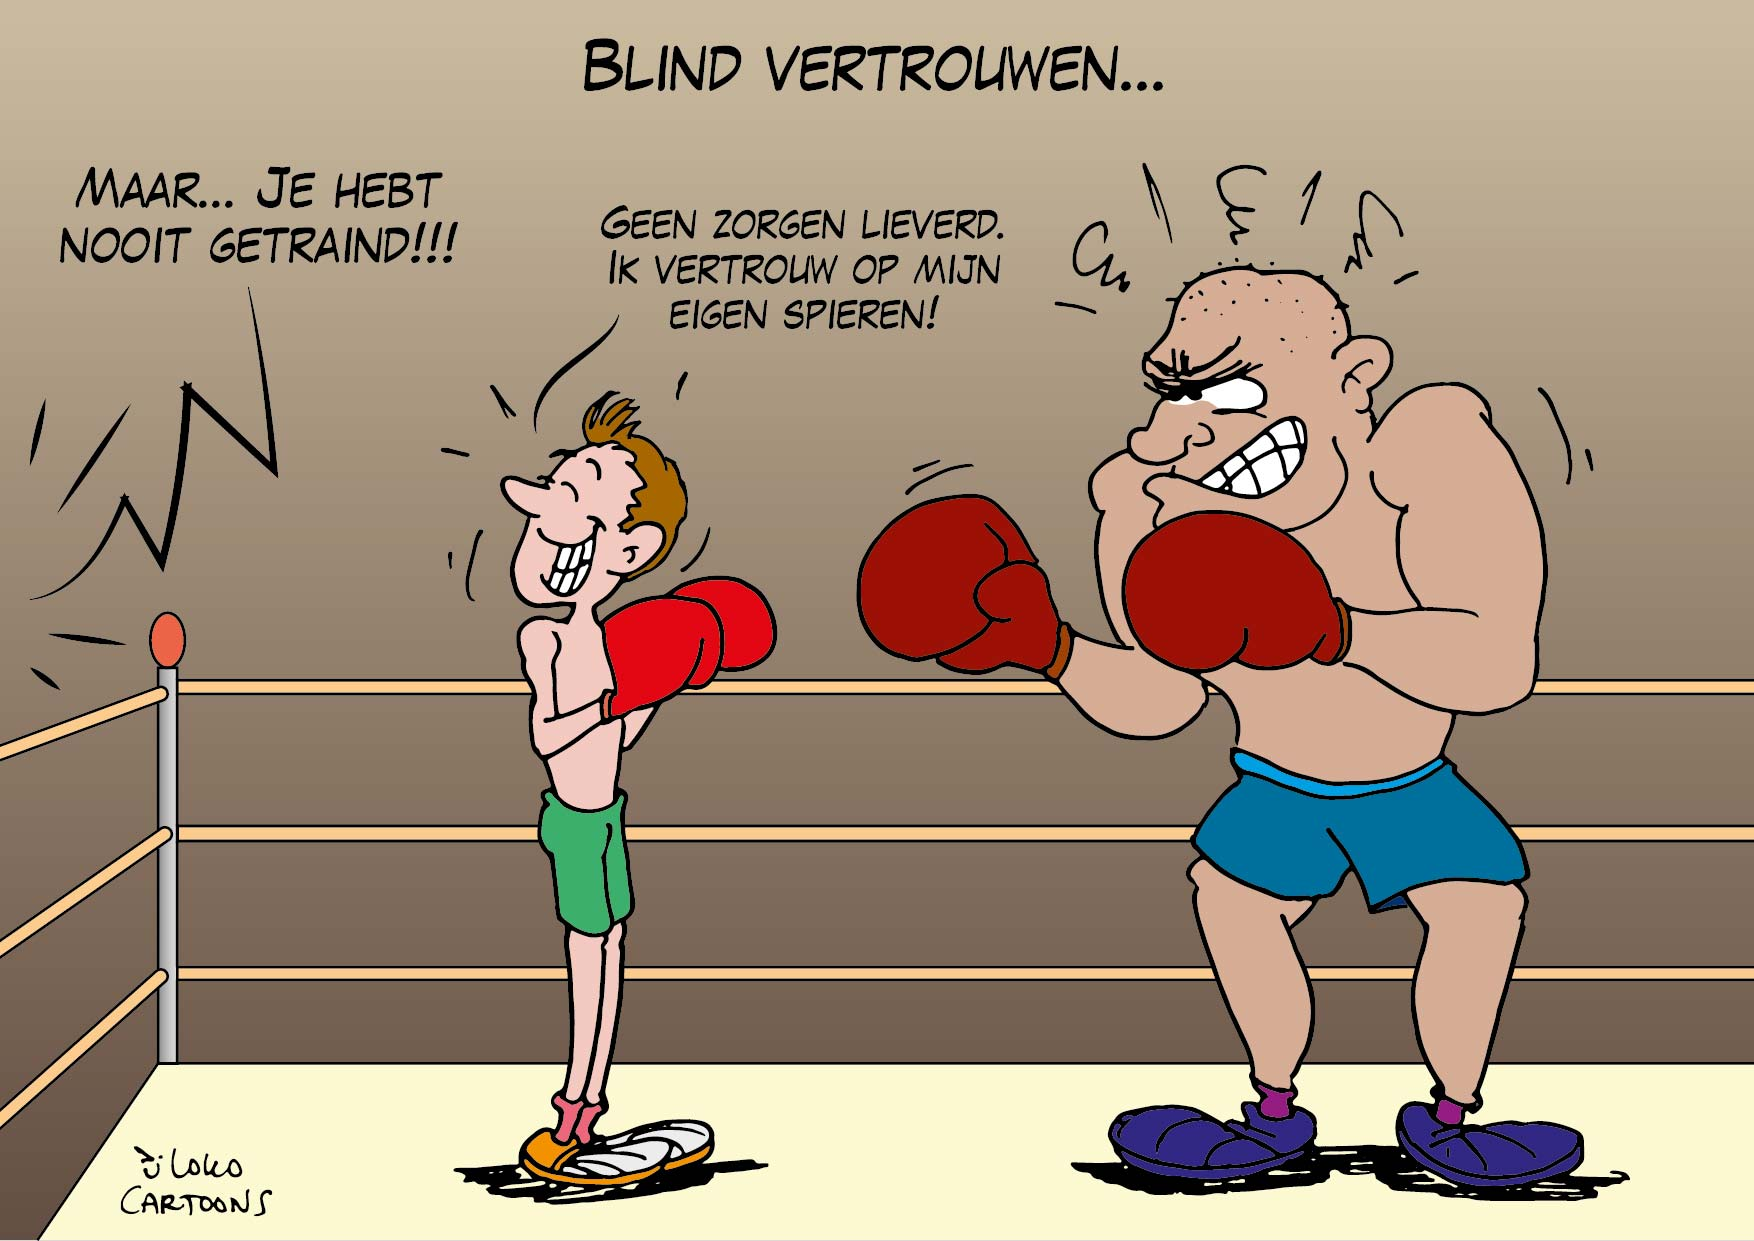 Blind vertrouwen…